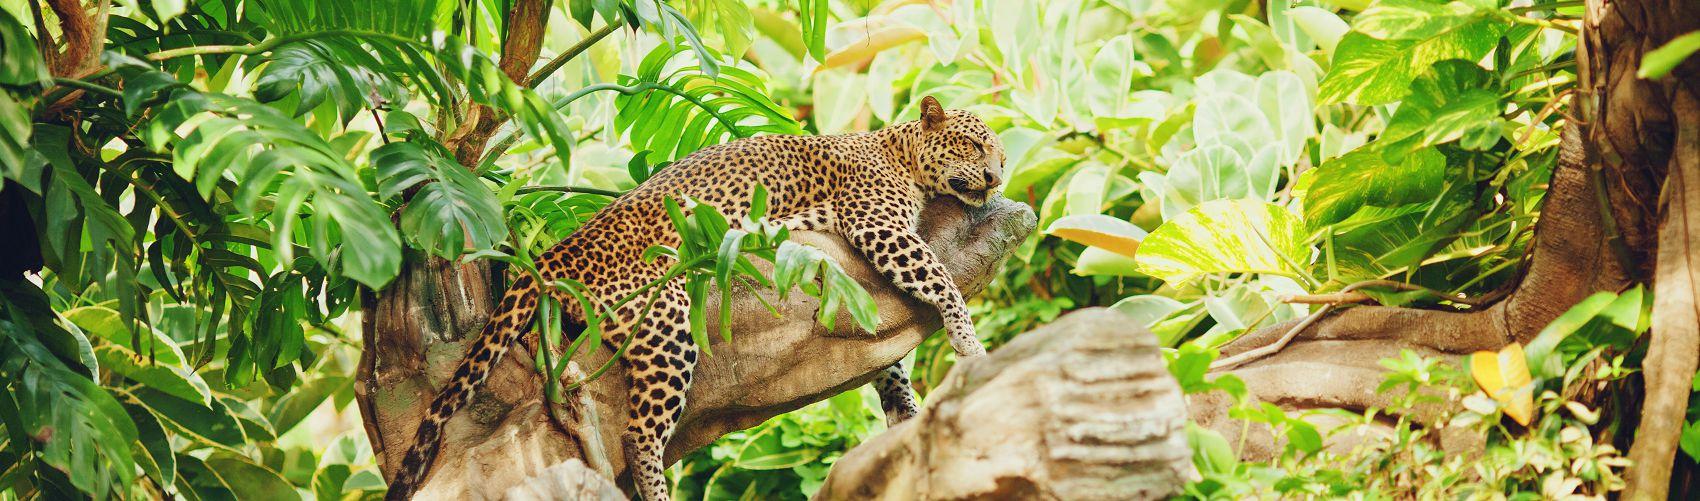 Фартук для кухни леопард в джунглях